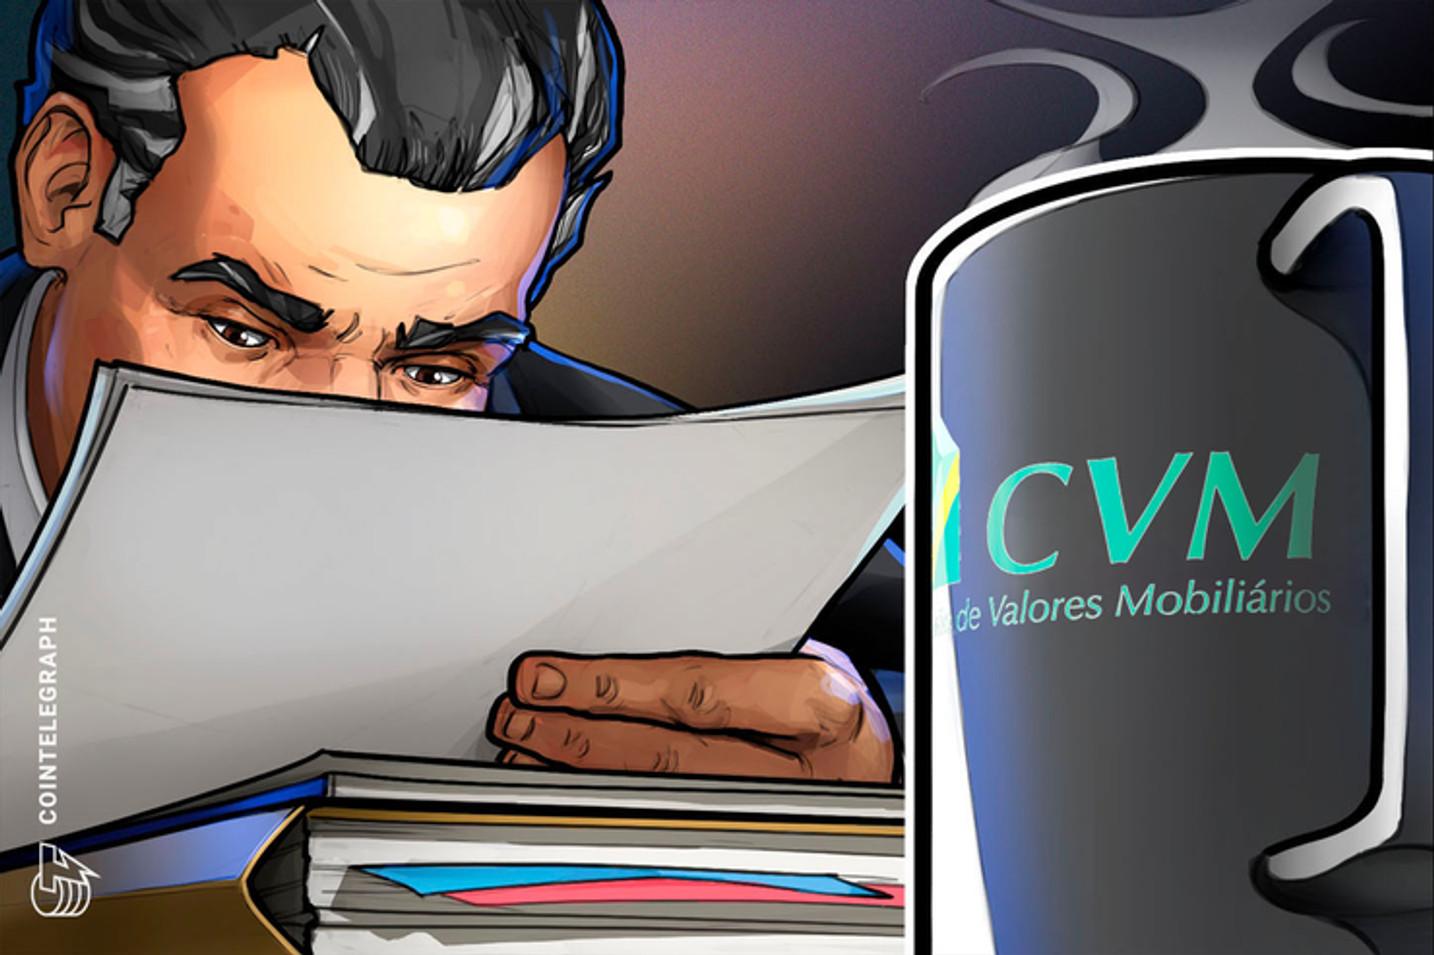 Suposta pirâmide PayDiamond teria enganado até a CVM e operador pode ter usado bitcoins para 'esconder' dinheiro